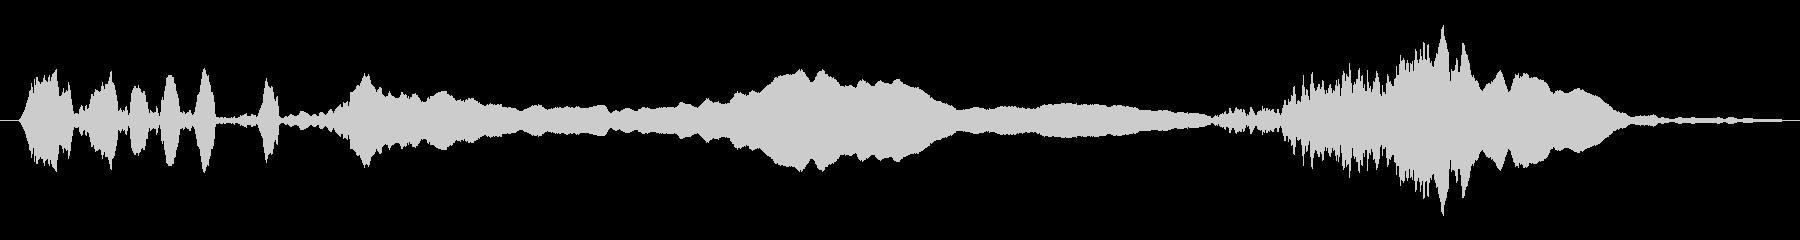 ショートピッチドチャッタースキール...の未再生の波形